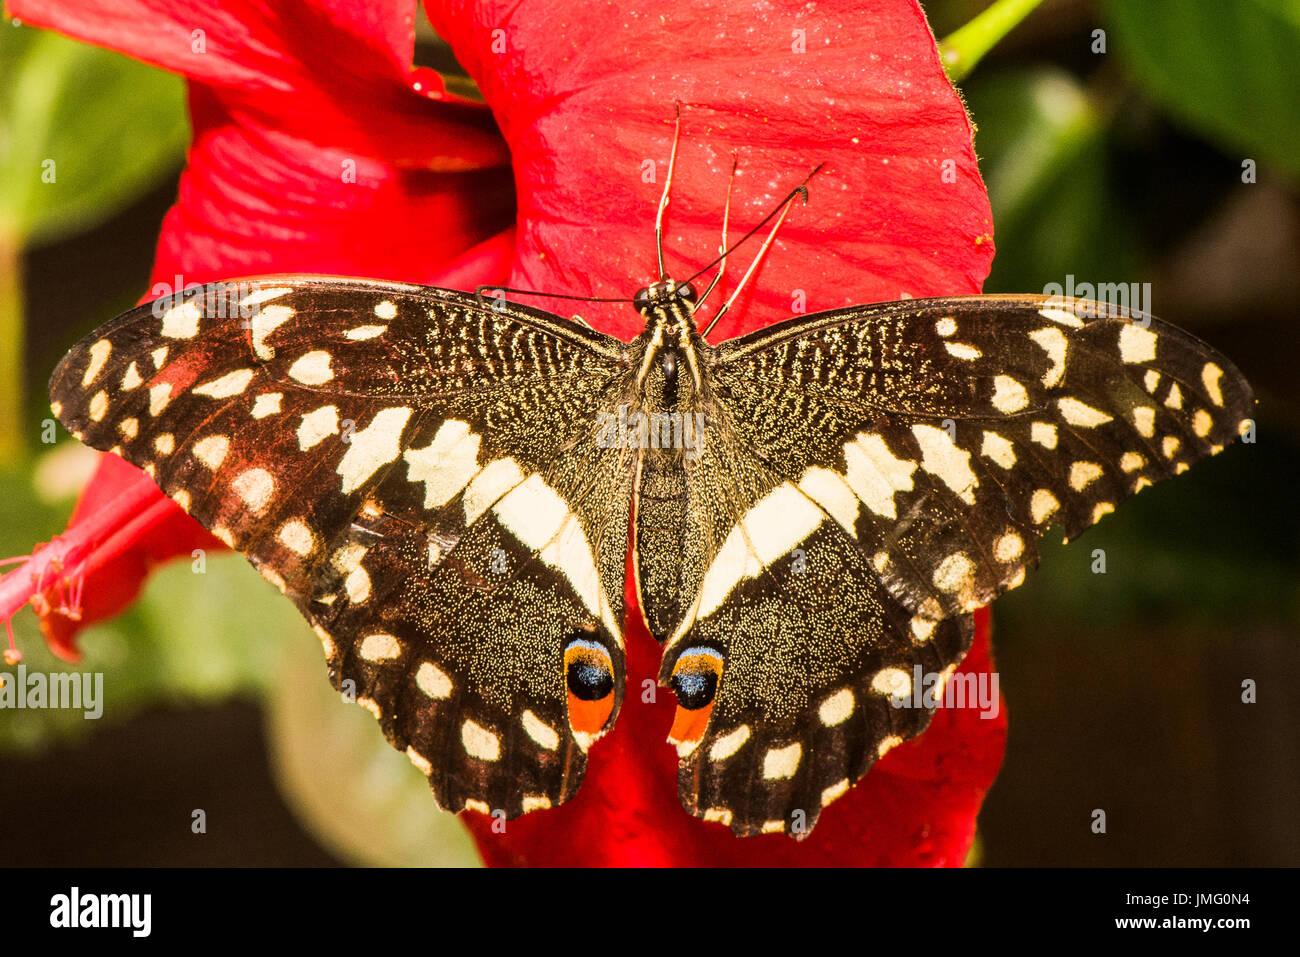 La coda di rondine di agrumi butterfly Immagini Stock